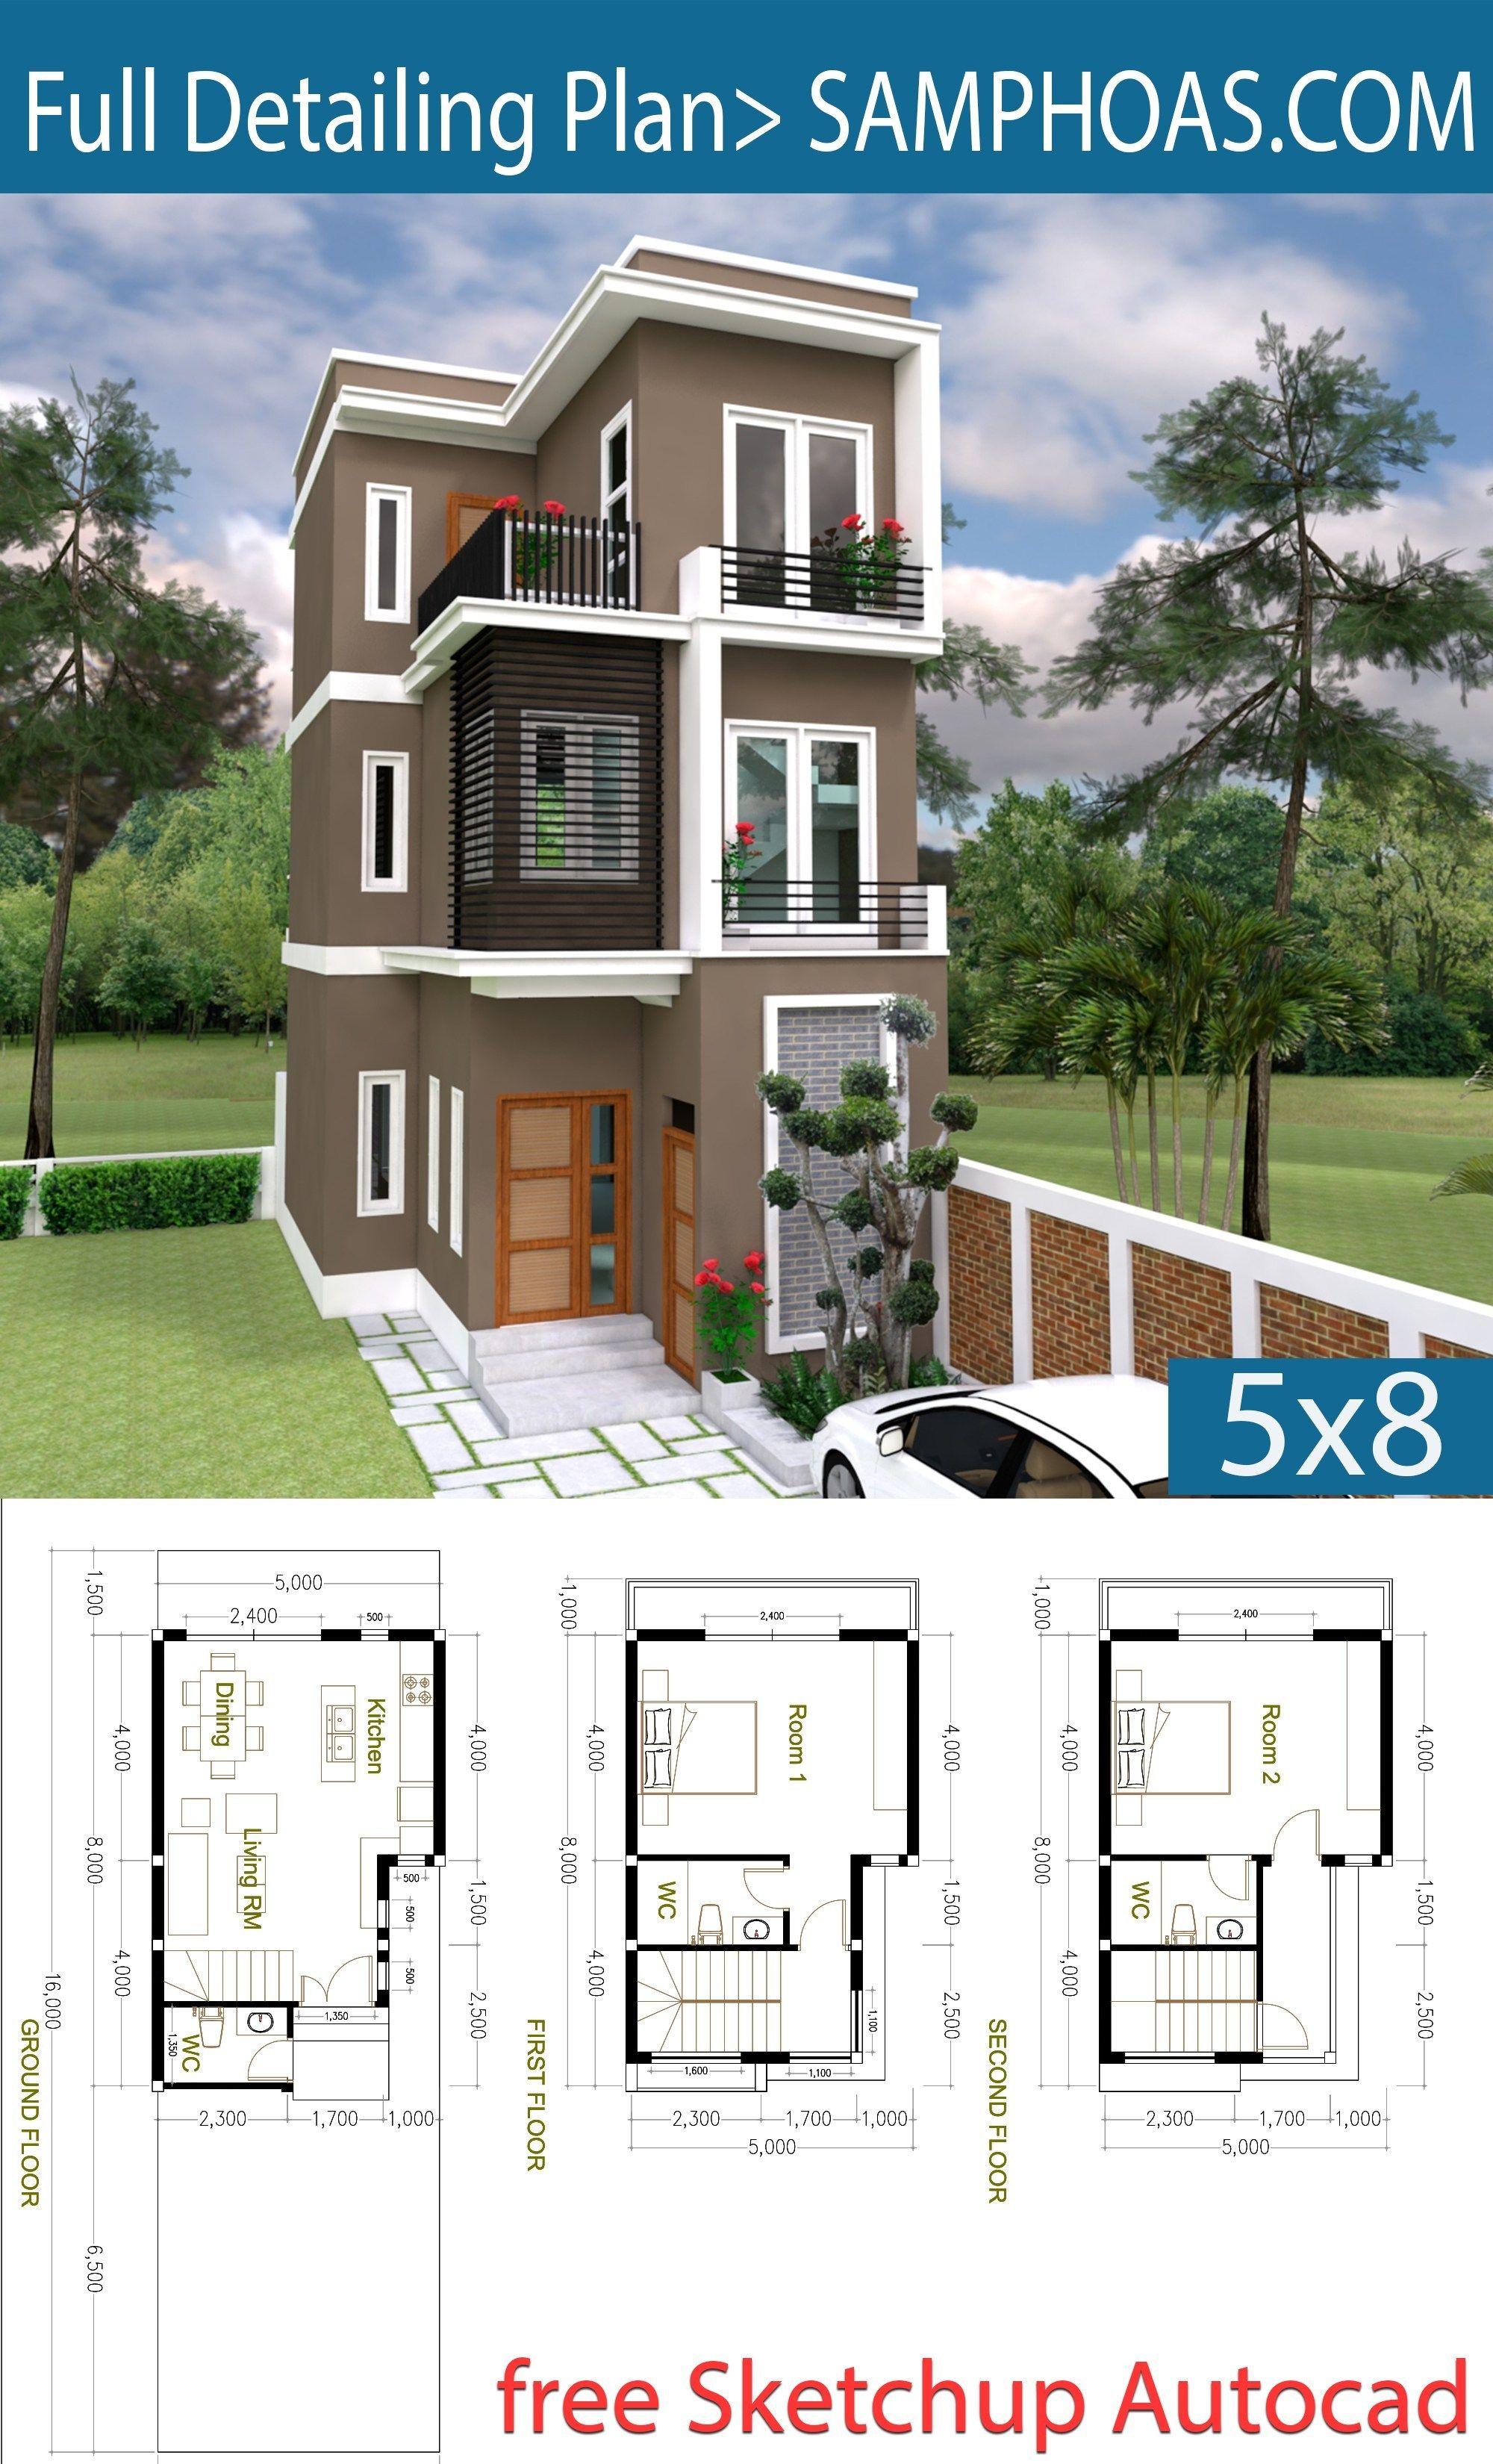 2 Bedroom Tiny Home Plan 5x8m Samphoas Plan Small Modern House Plans House Plans Model House Plan